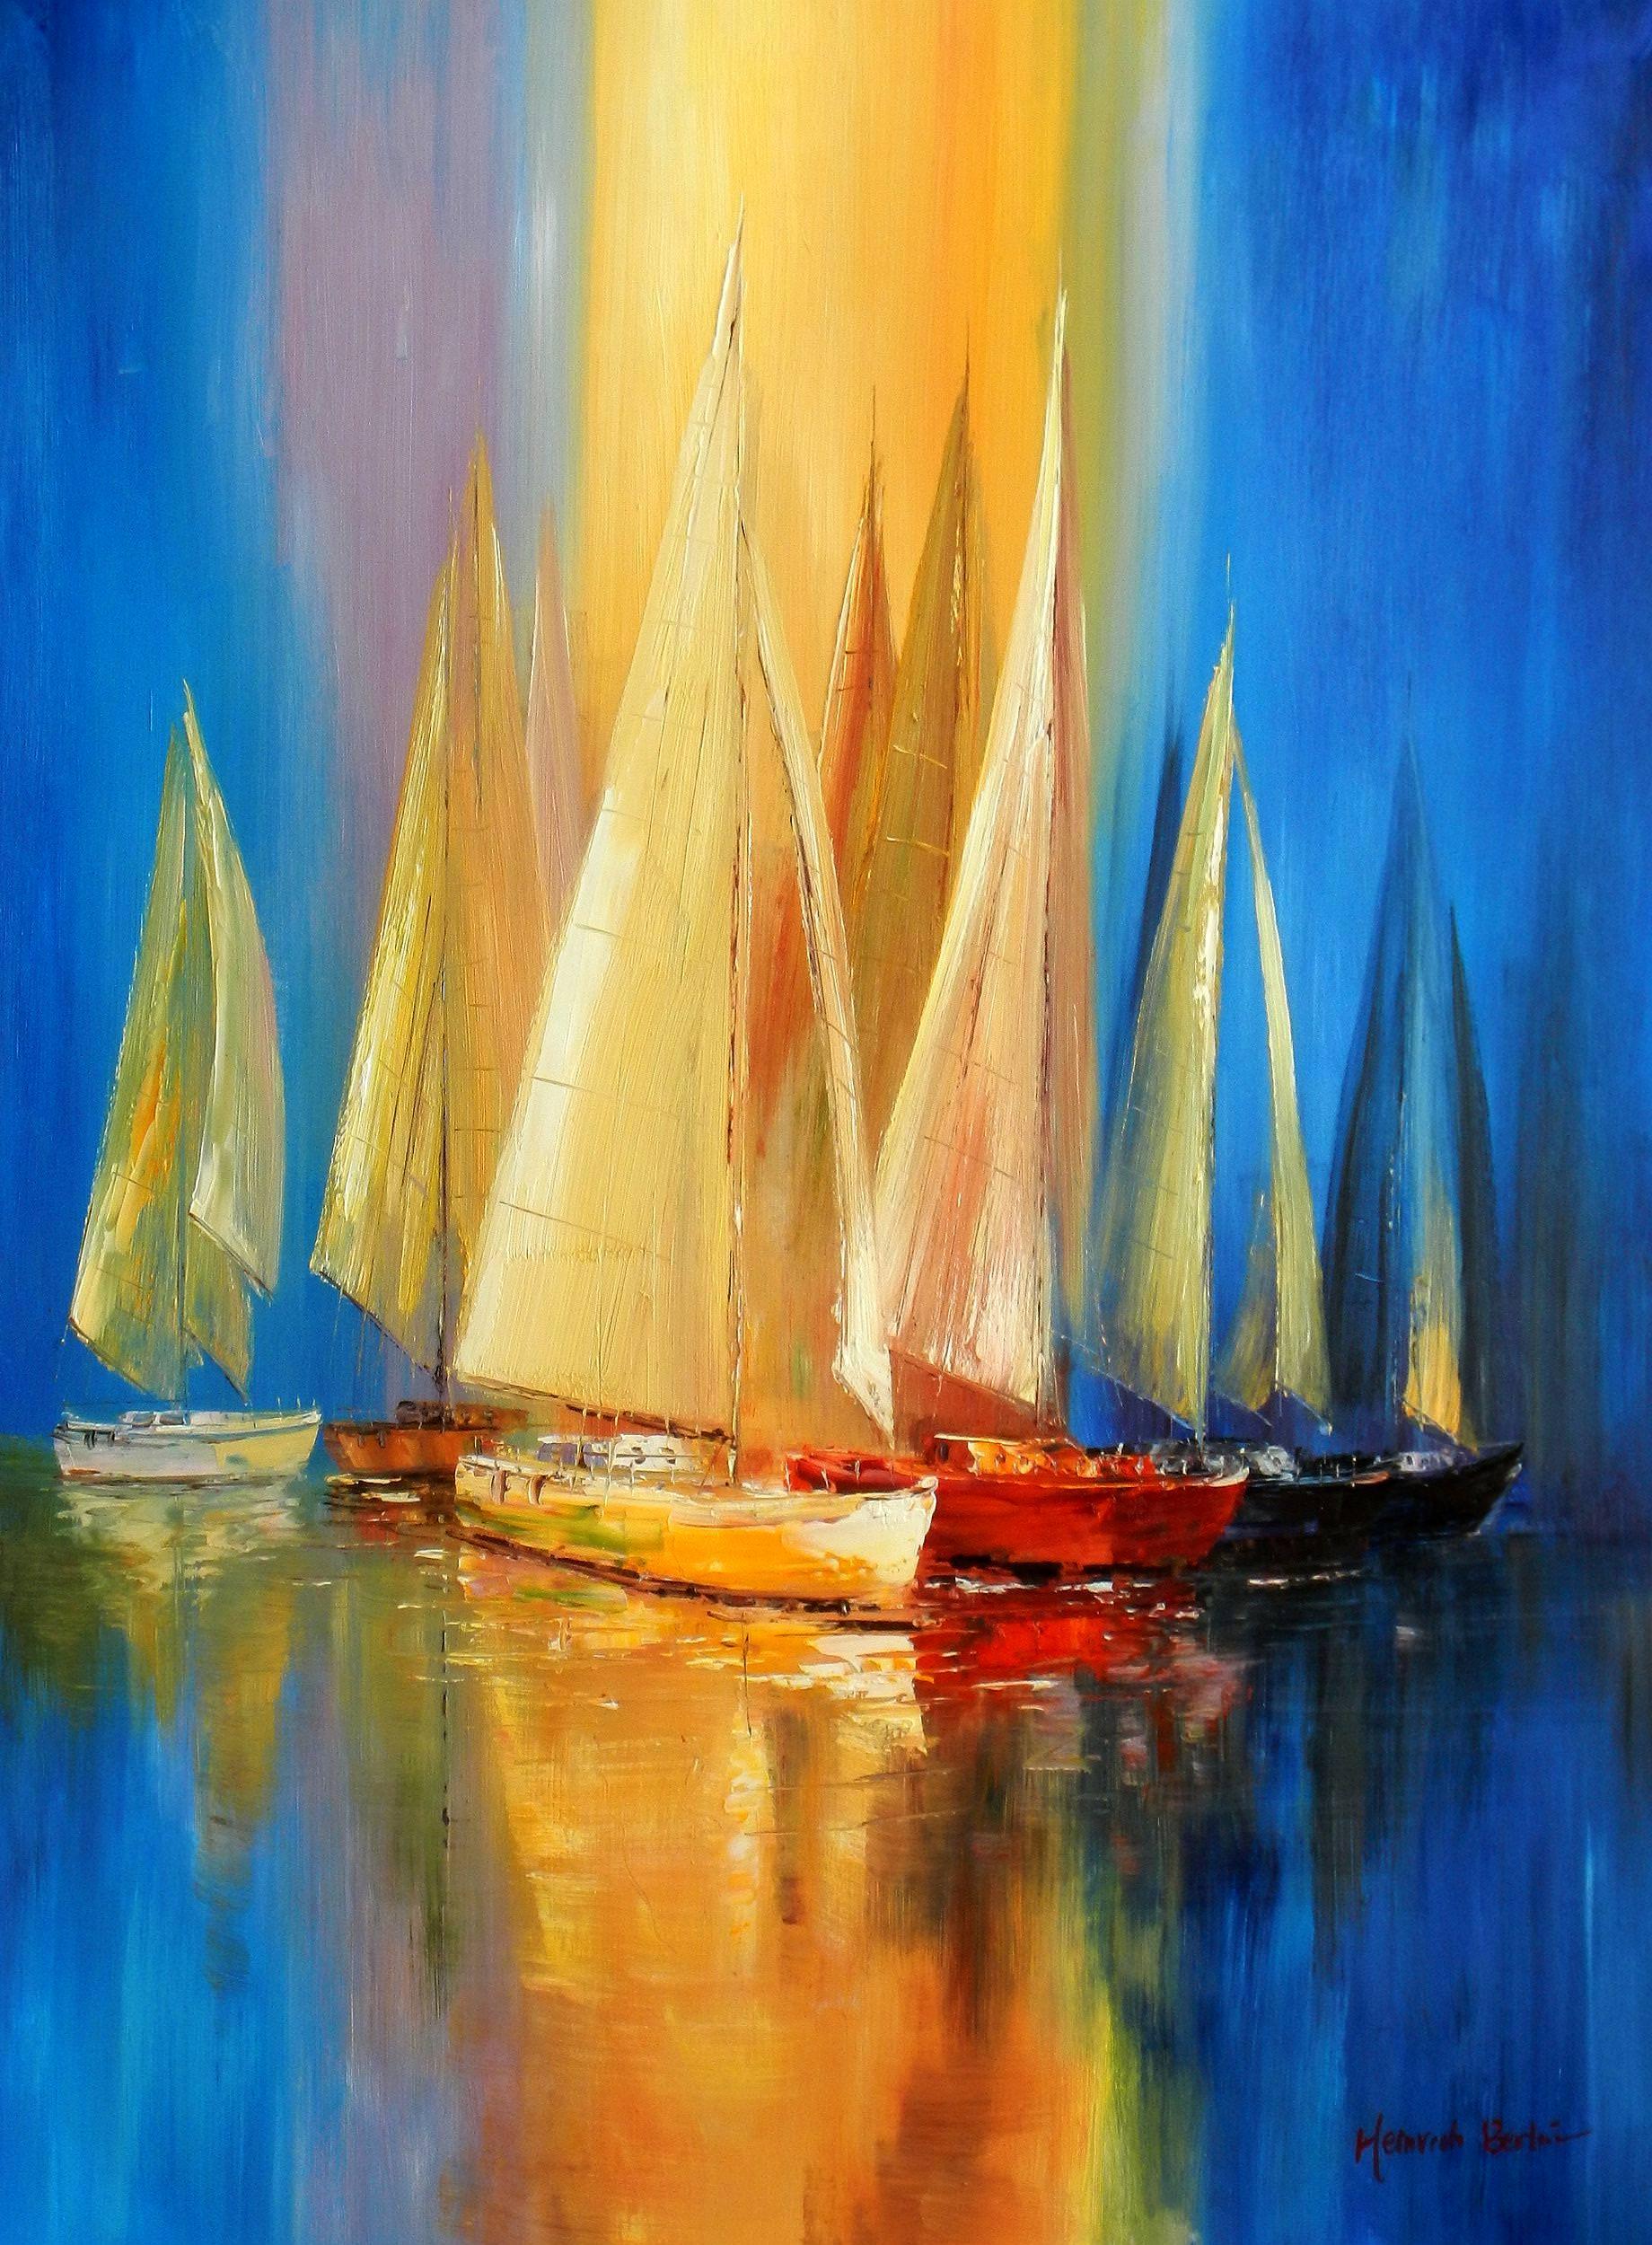 Segelboote auf dem Gardasee i93787 80x110cm modernes Gemälde handgemalt